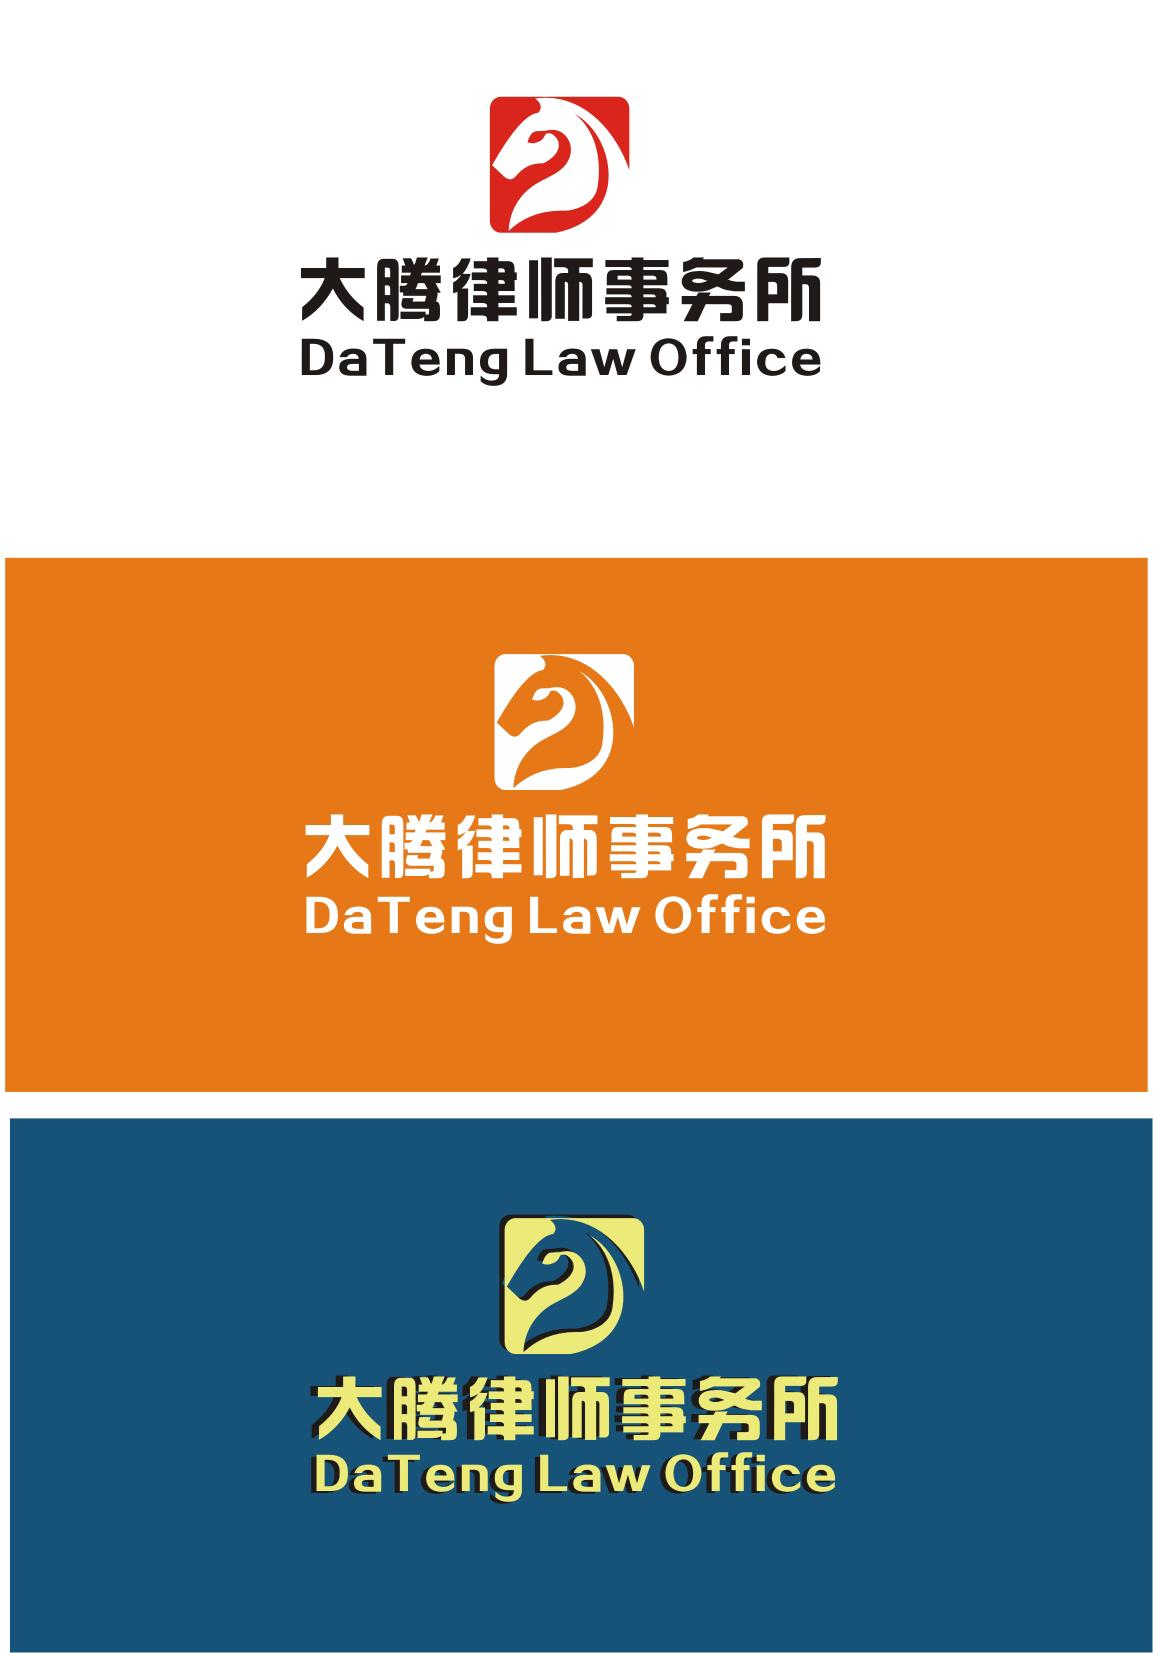 大腾律师事务所logo设计